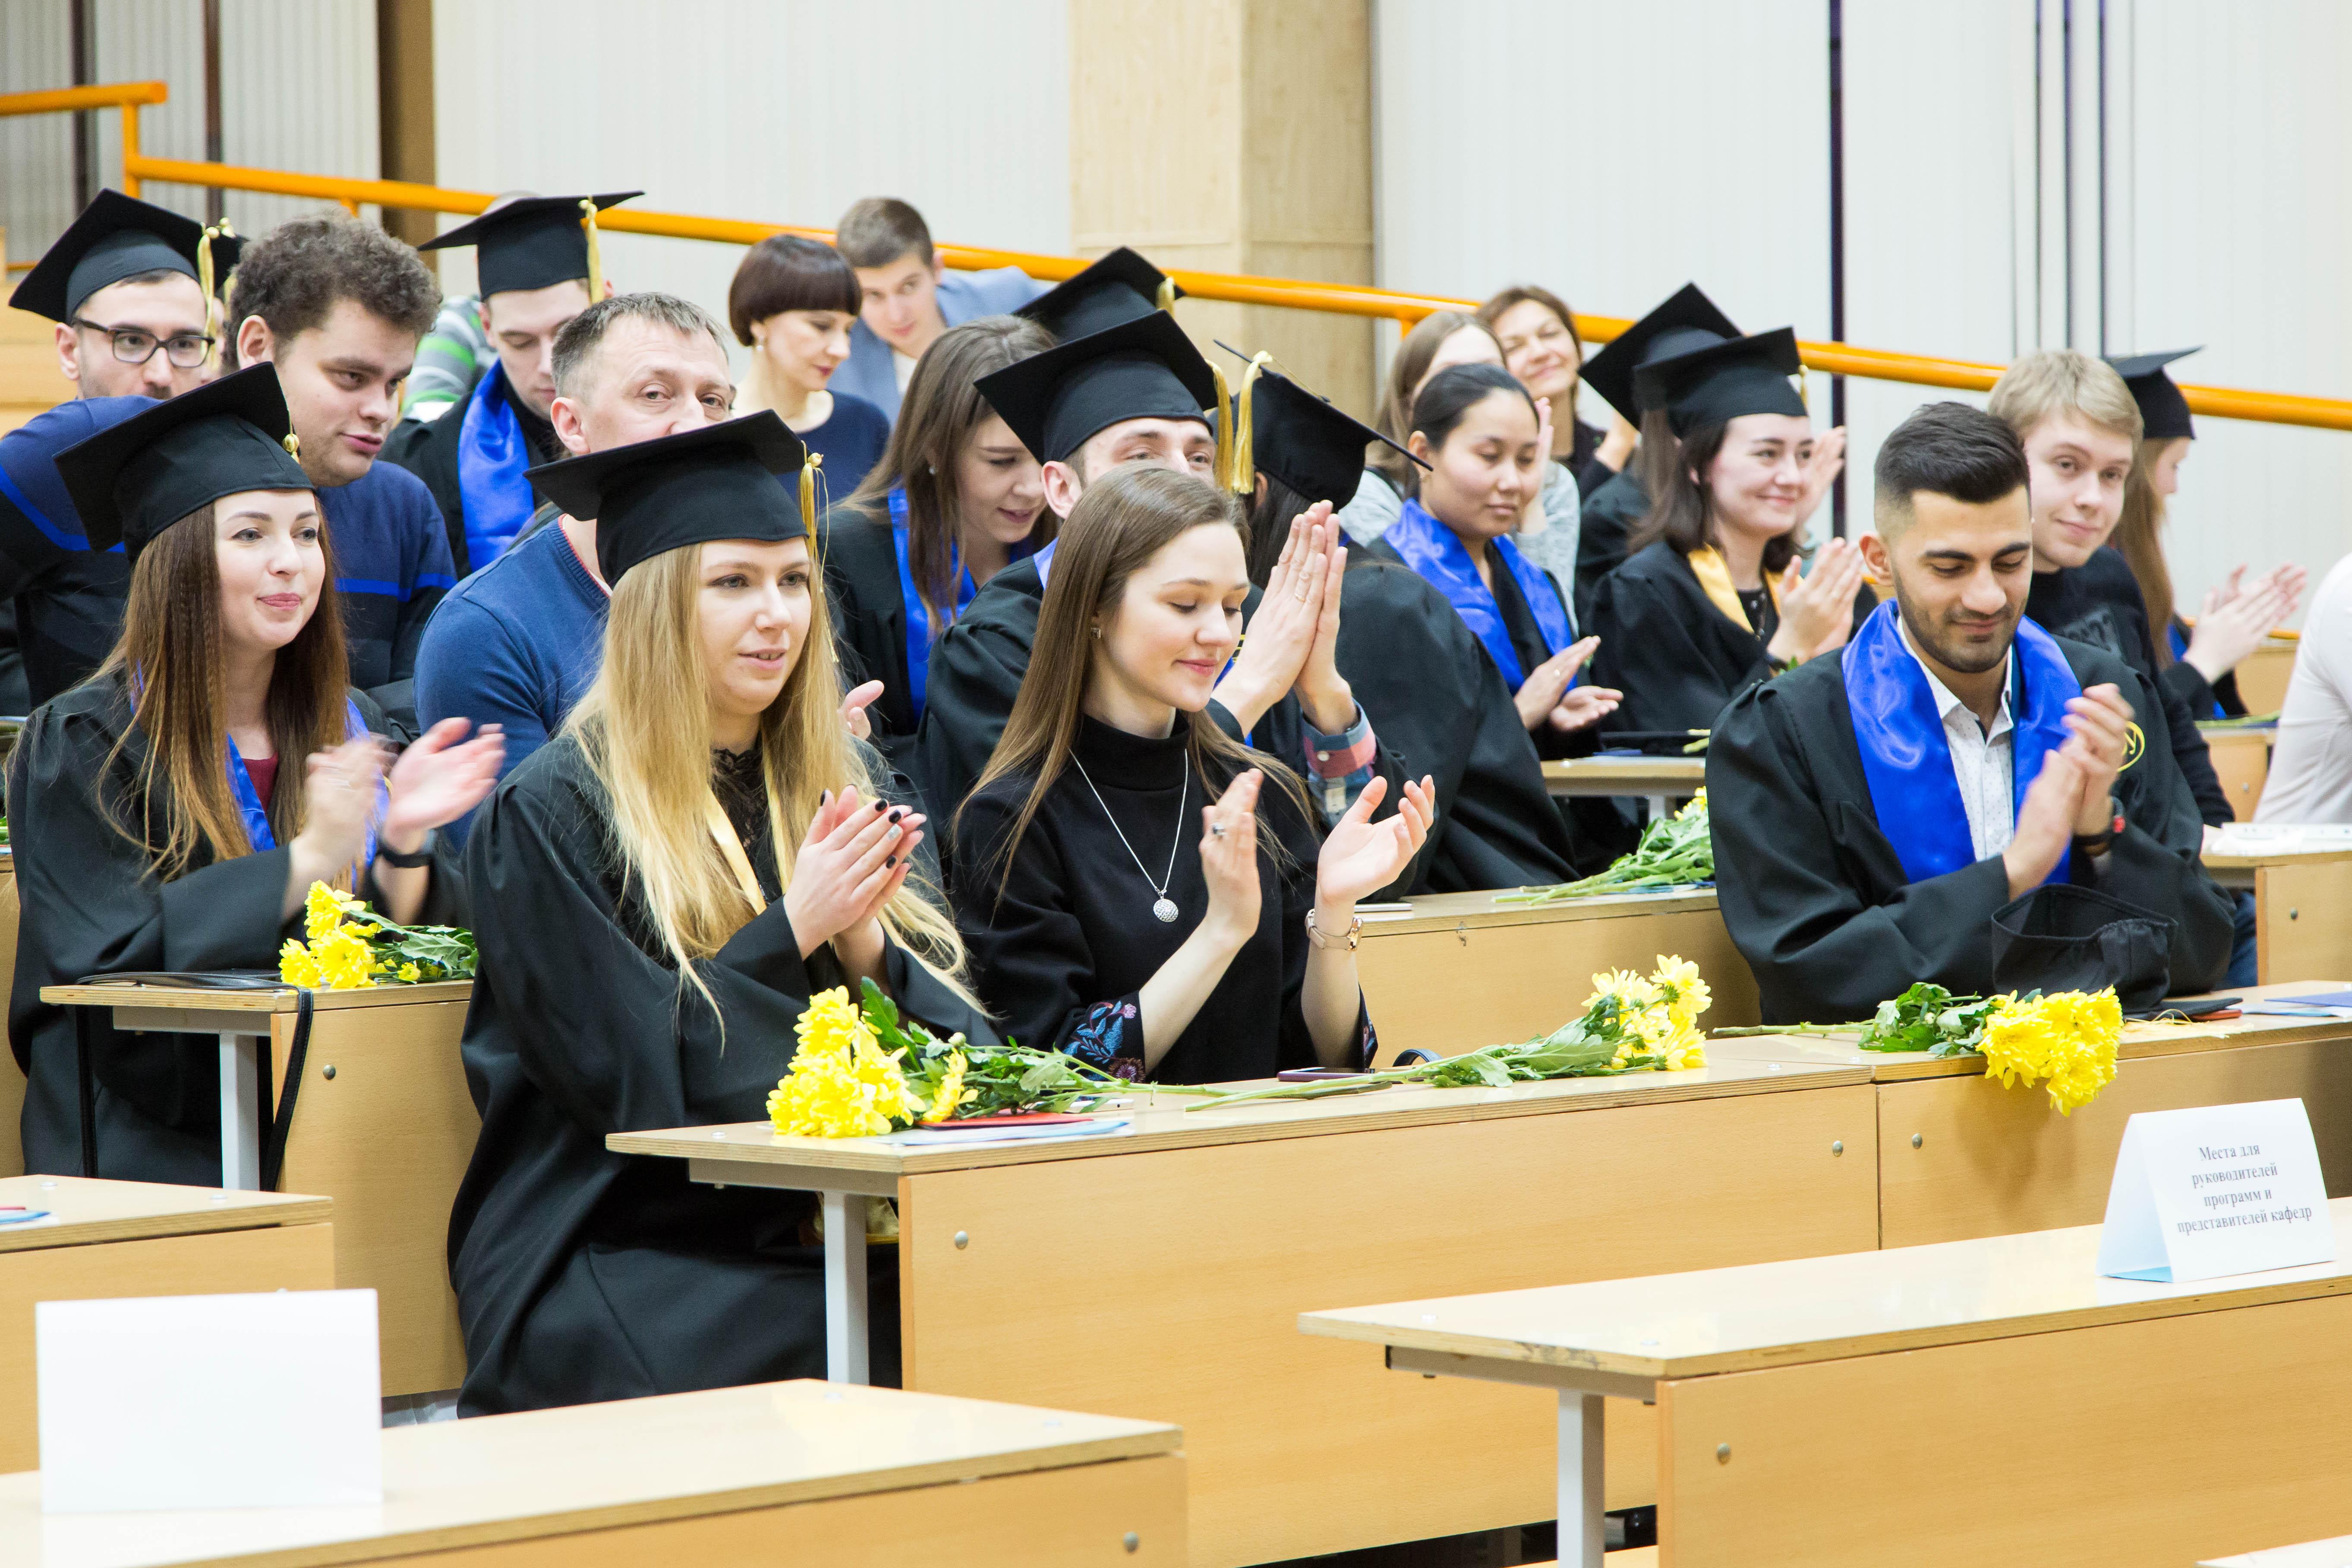 Институт фотографии в москве высшее заочно хотел